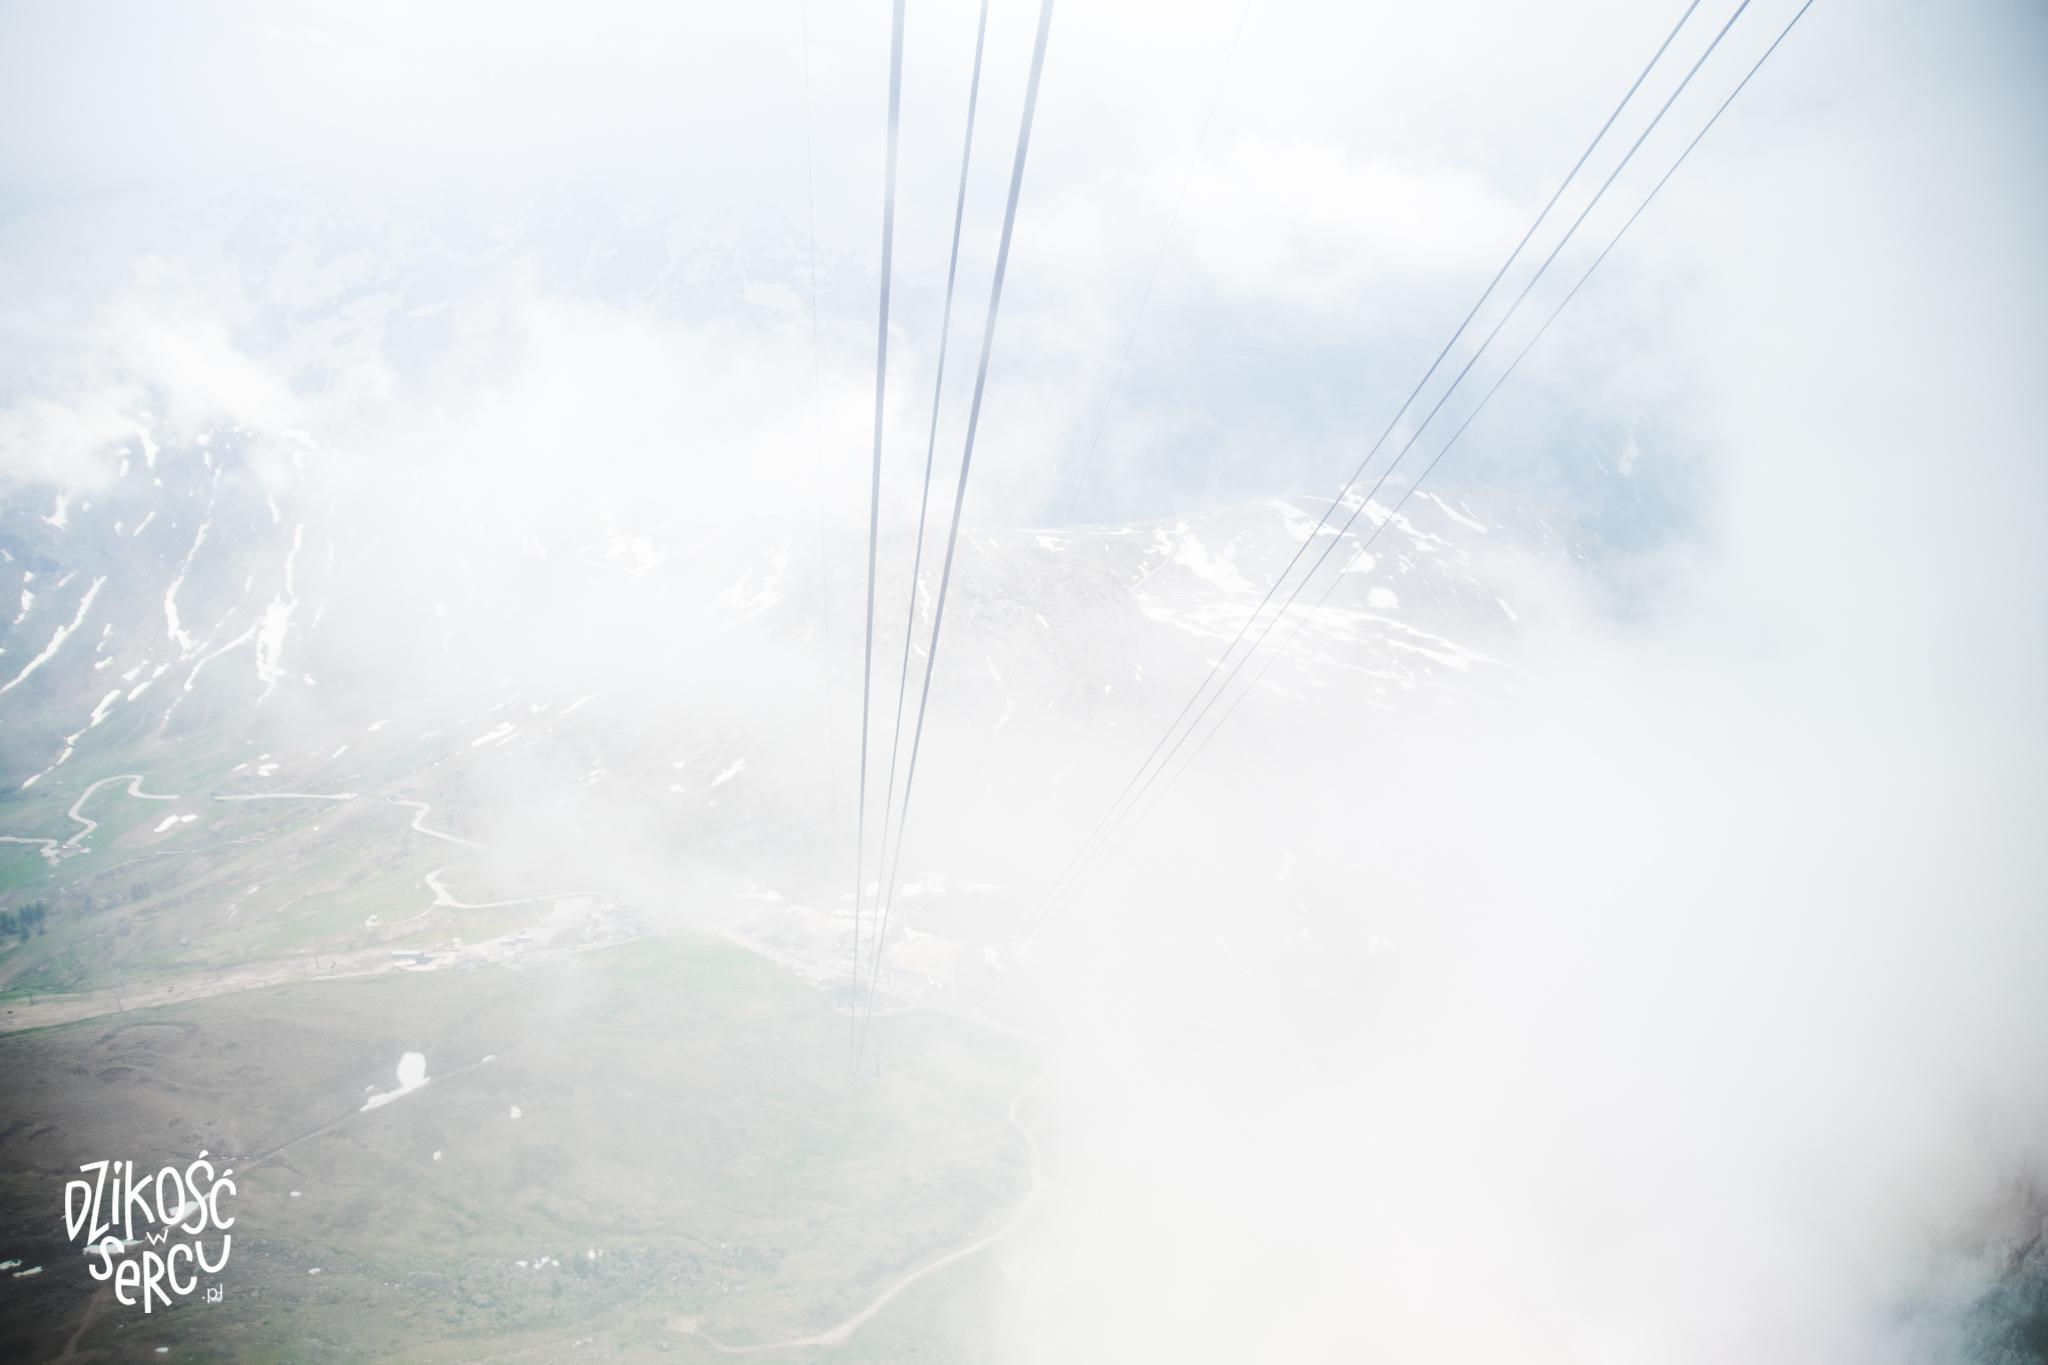 Widok zgondoli naSasso Pordoi (2950m npm). Wjechaliśmy wchmury!